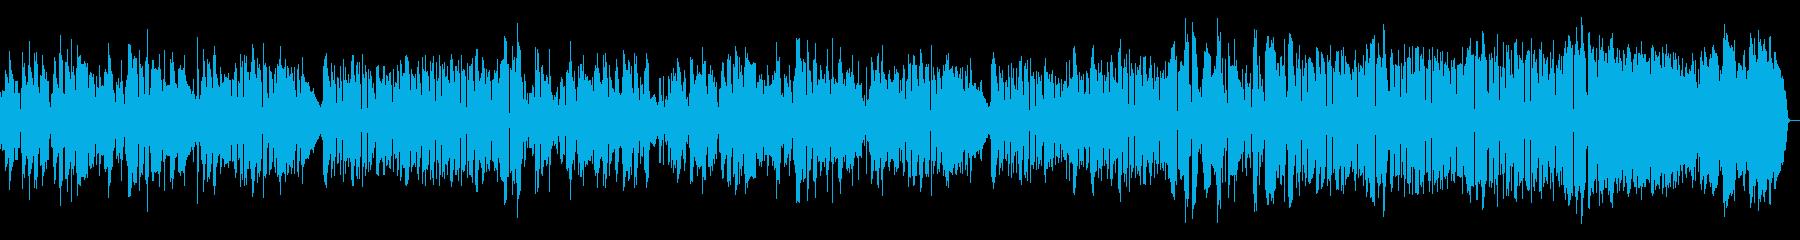 少しだけ悲しいボサノバの再生済みの波形